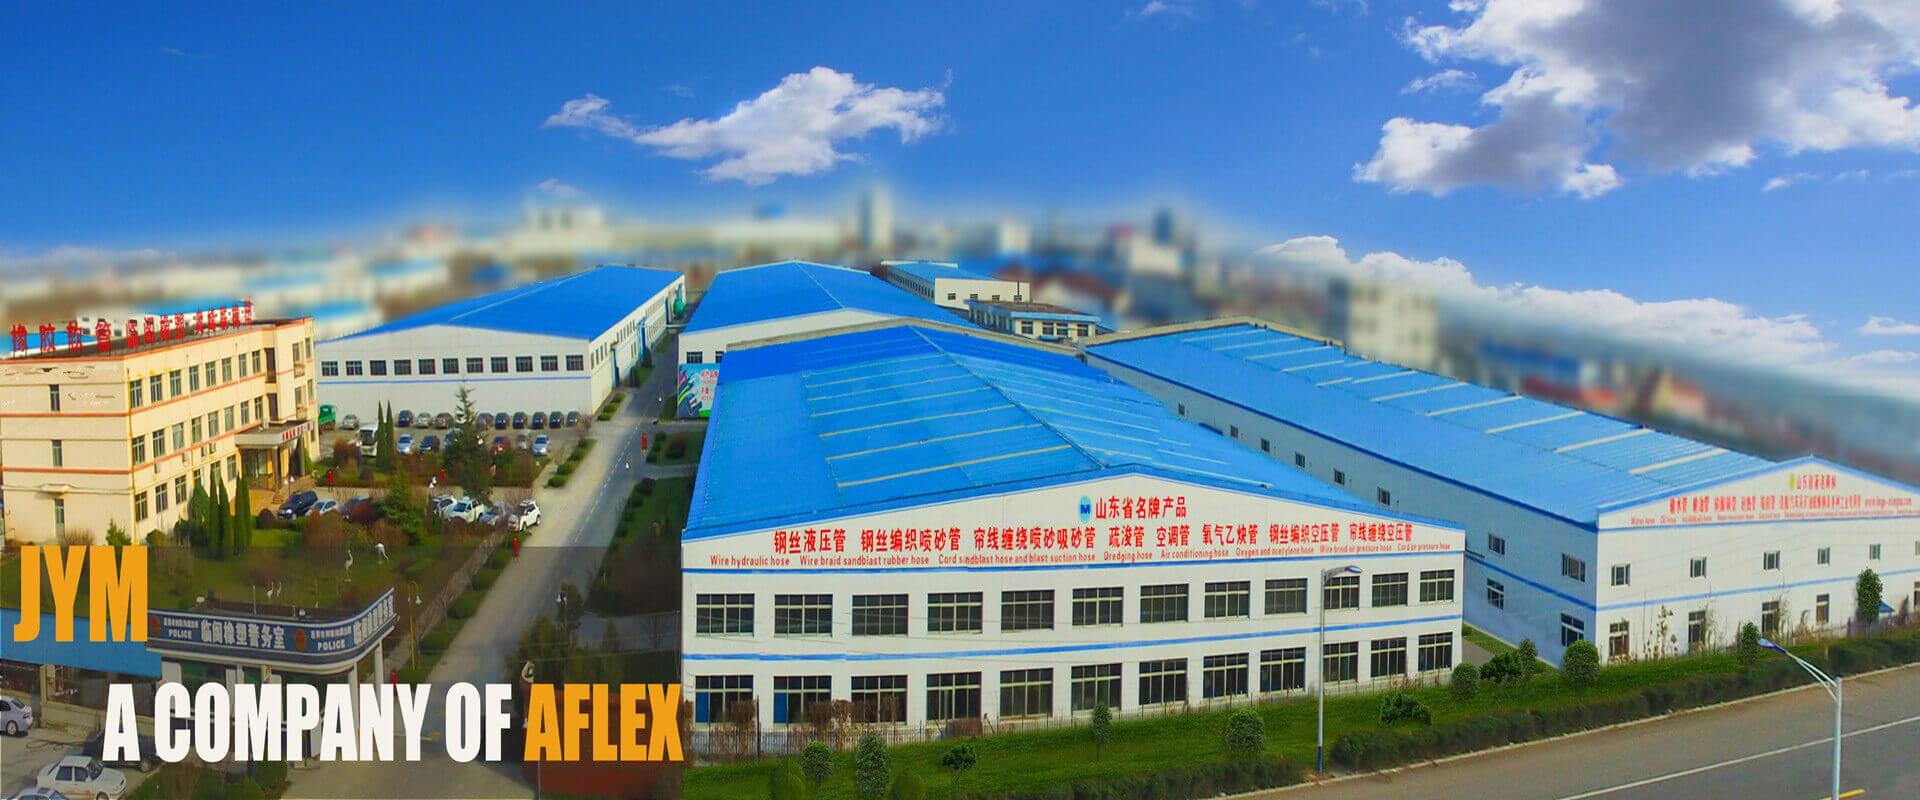 JYM hose factory